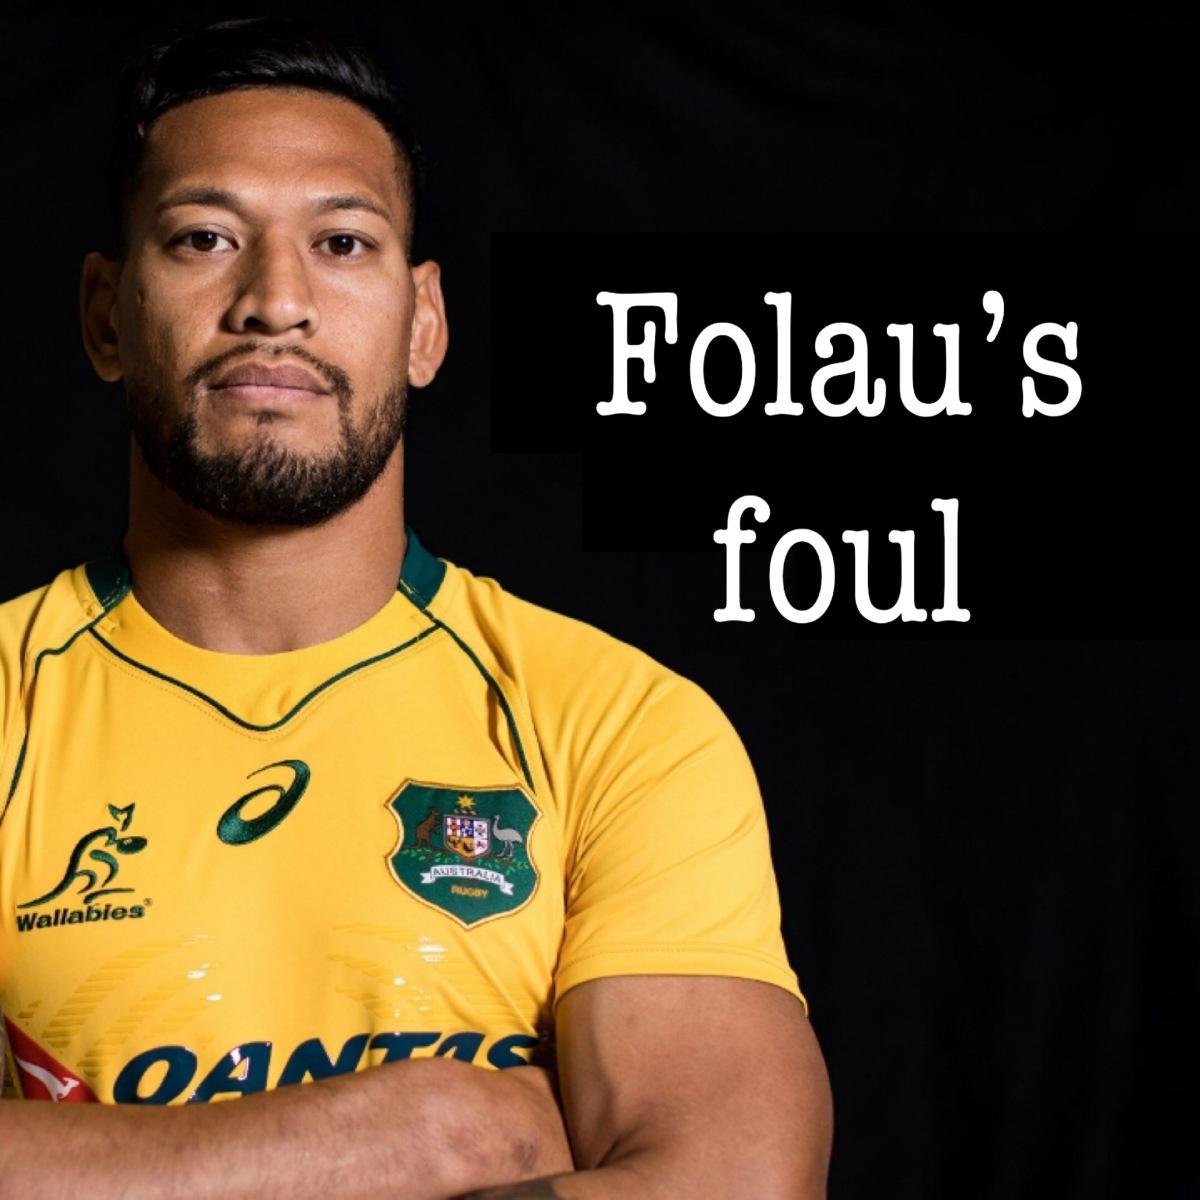 Folau's foul